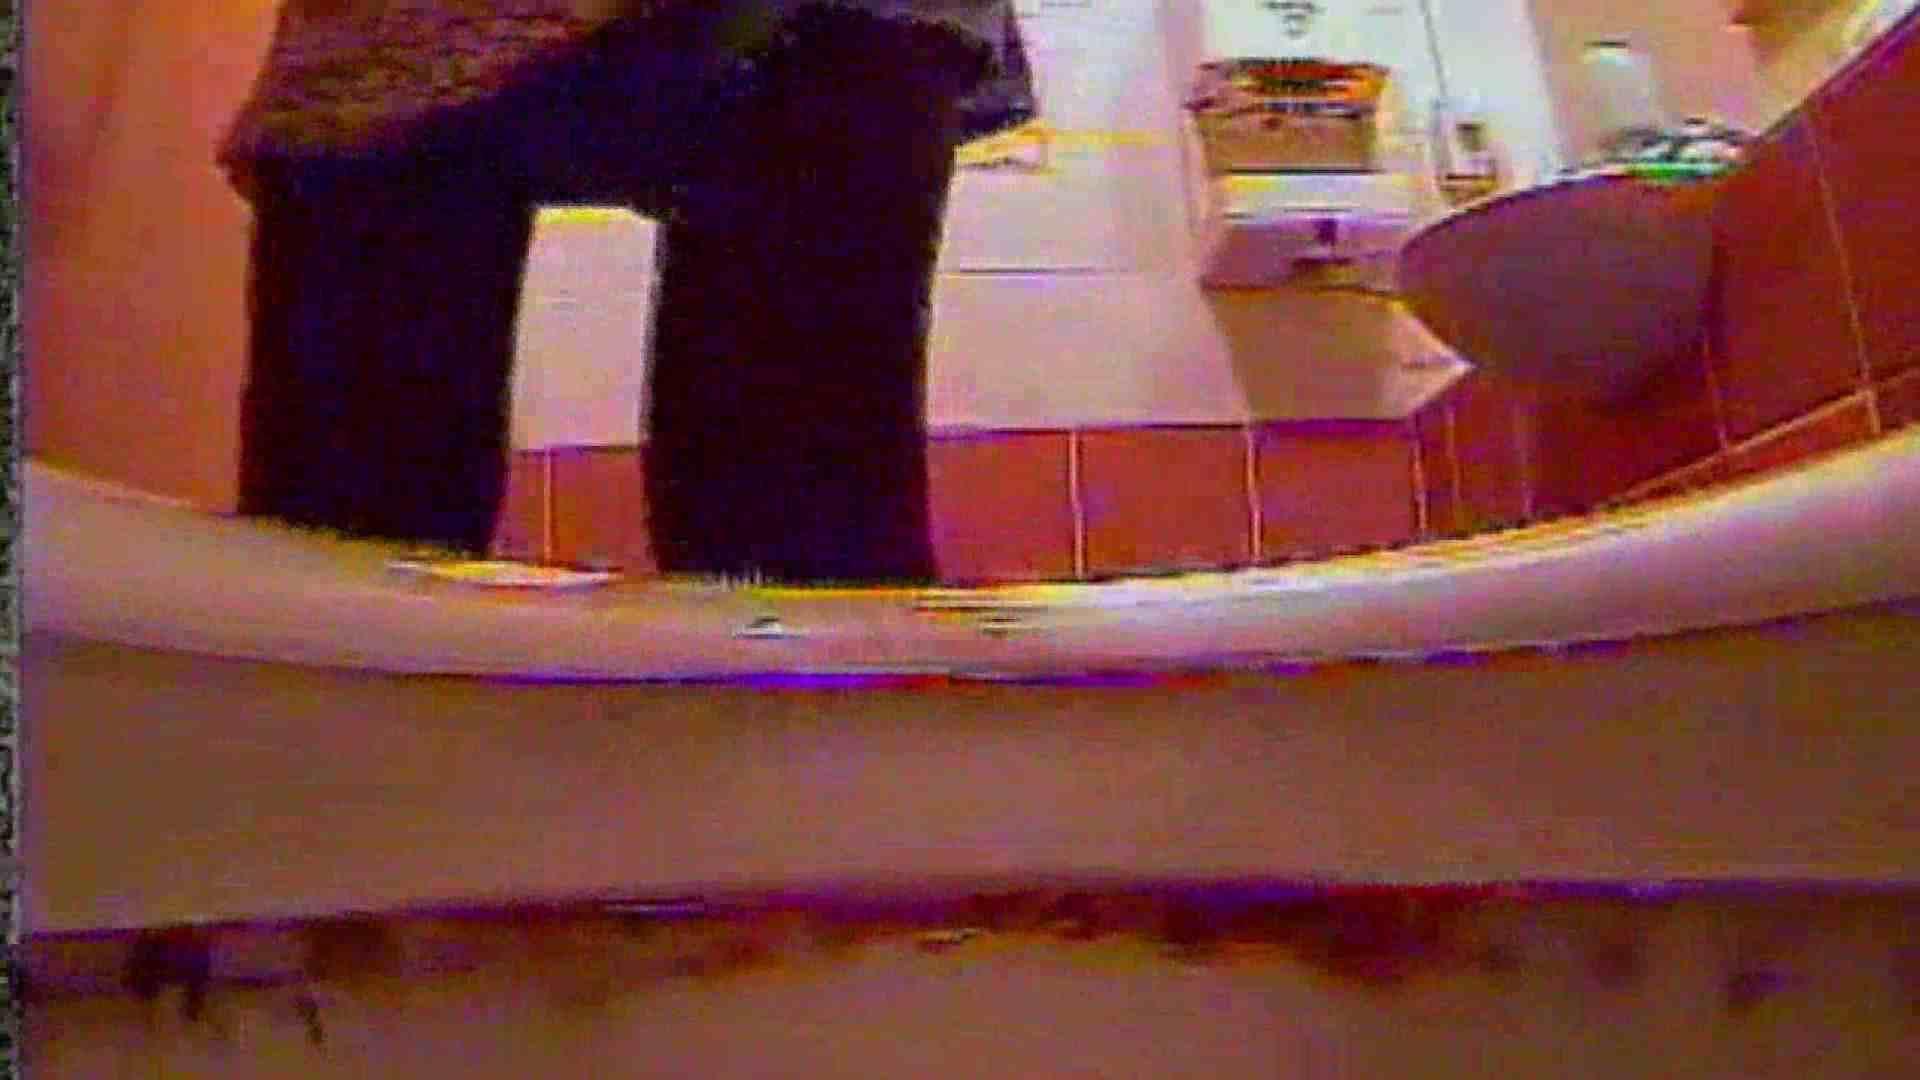 キレカワ女子大生の秘密の洗面所!Vol.049 バックショット ワレメ動画紹介 74PIX 54